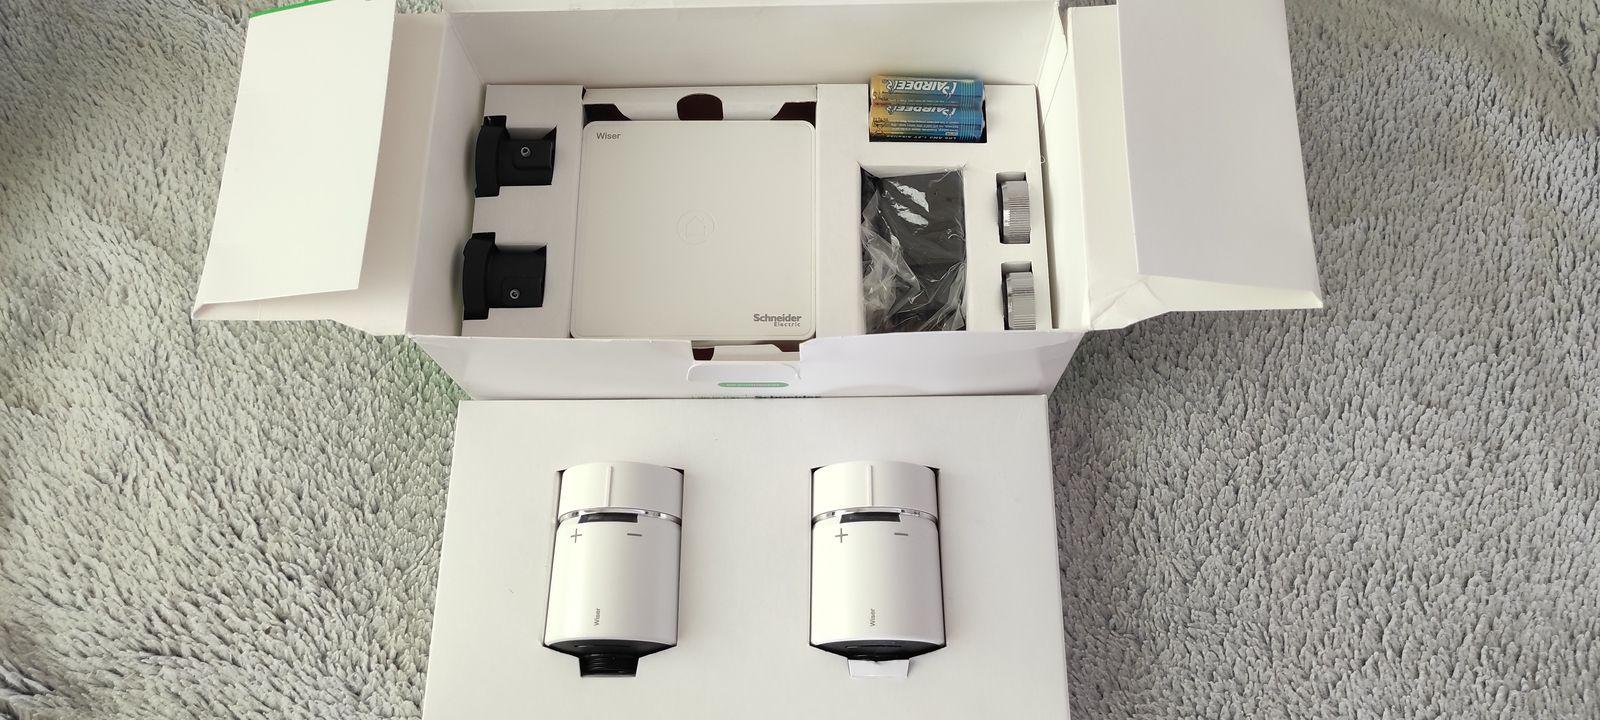 Voici le kit complet, découvrez 7 visuels.